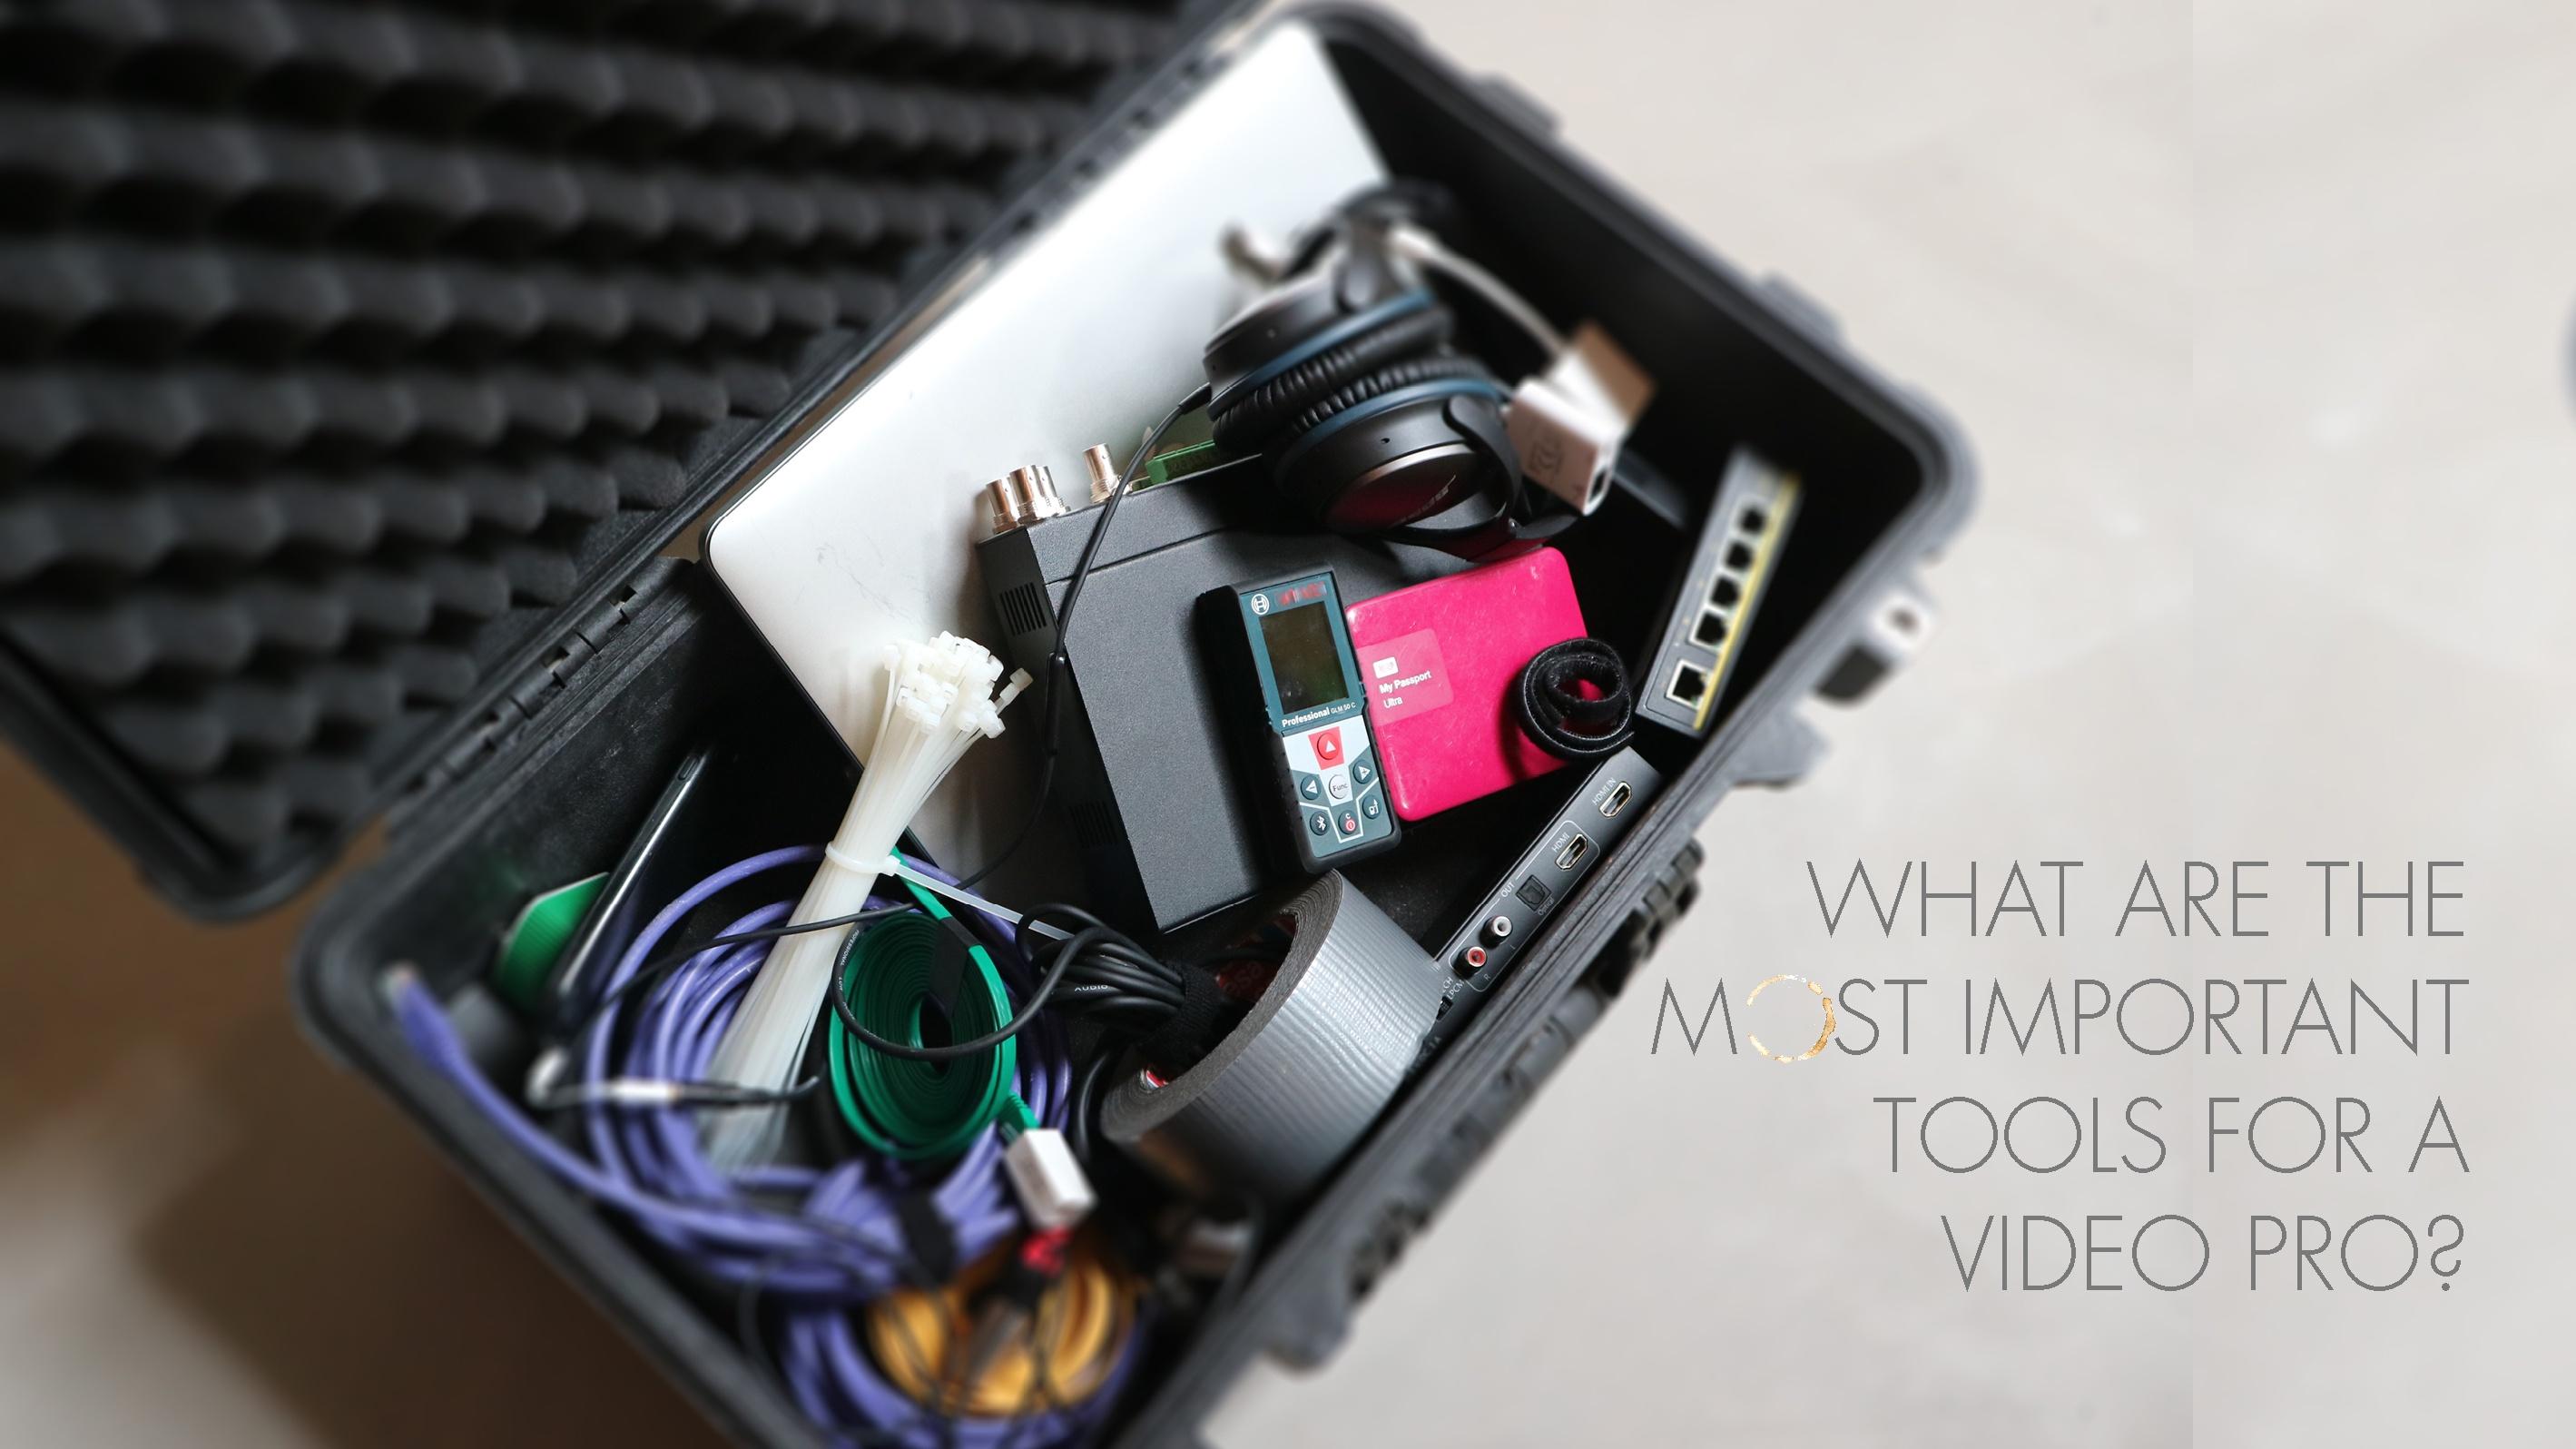 Video pro toolkit